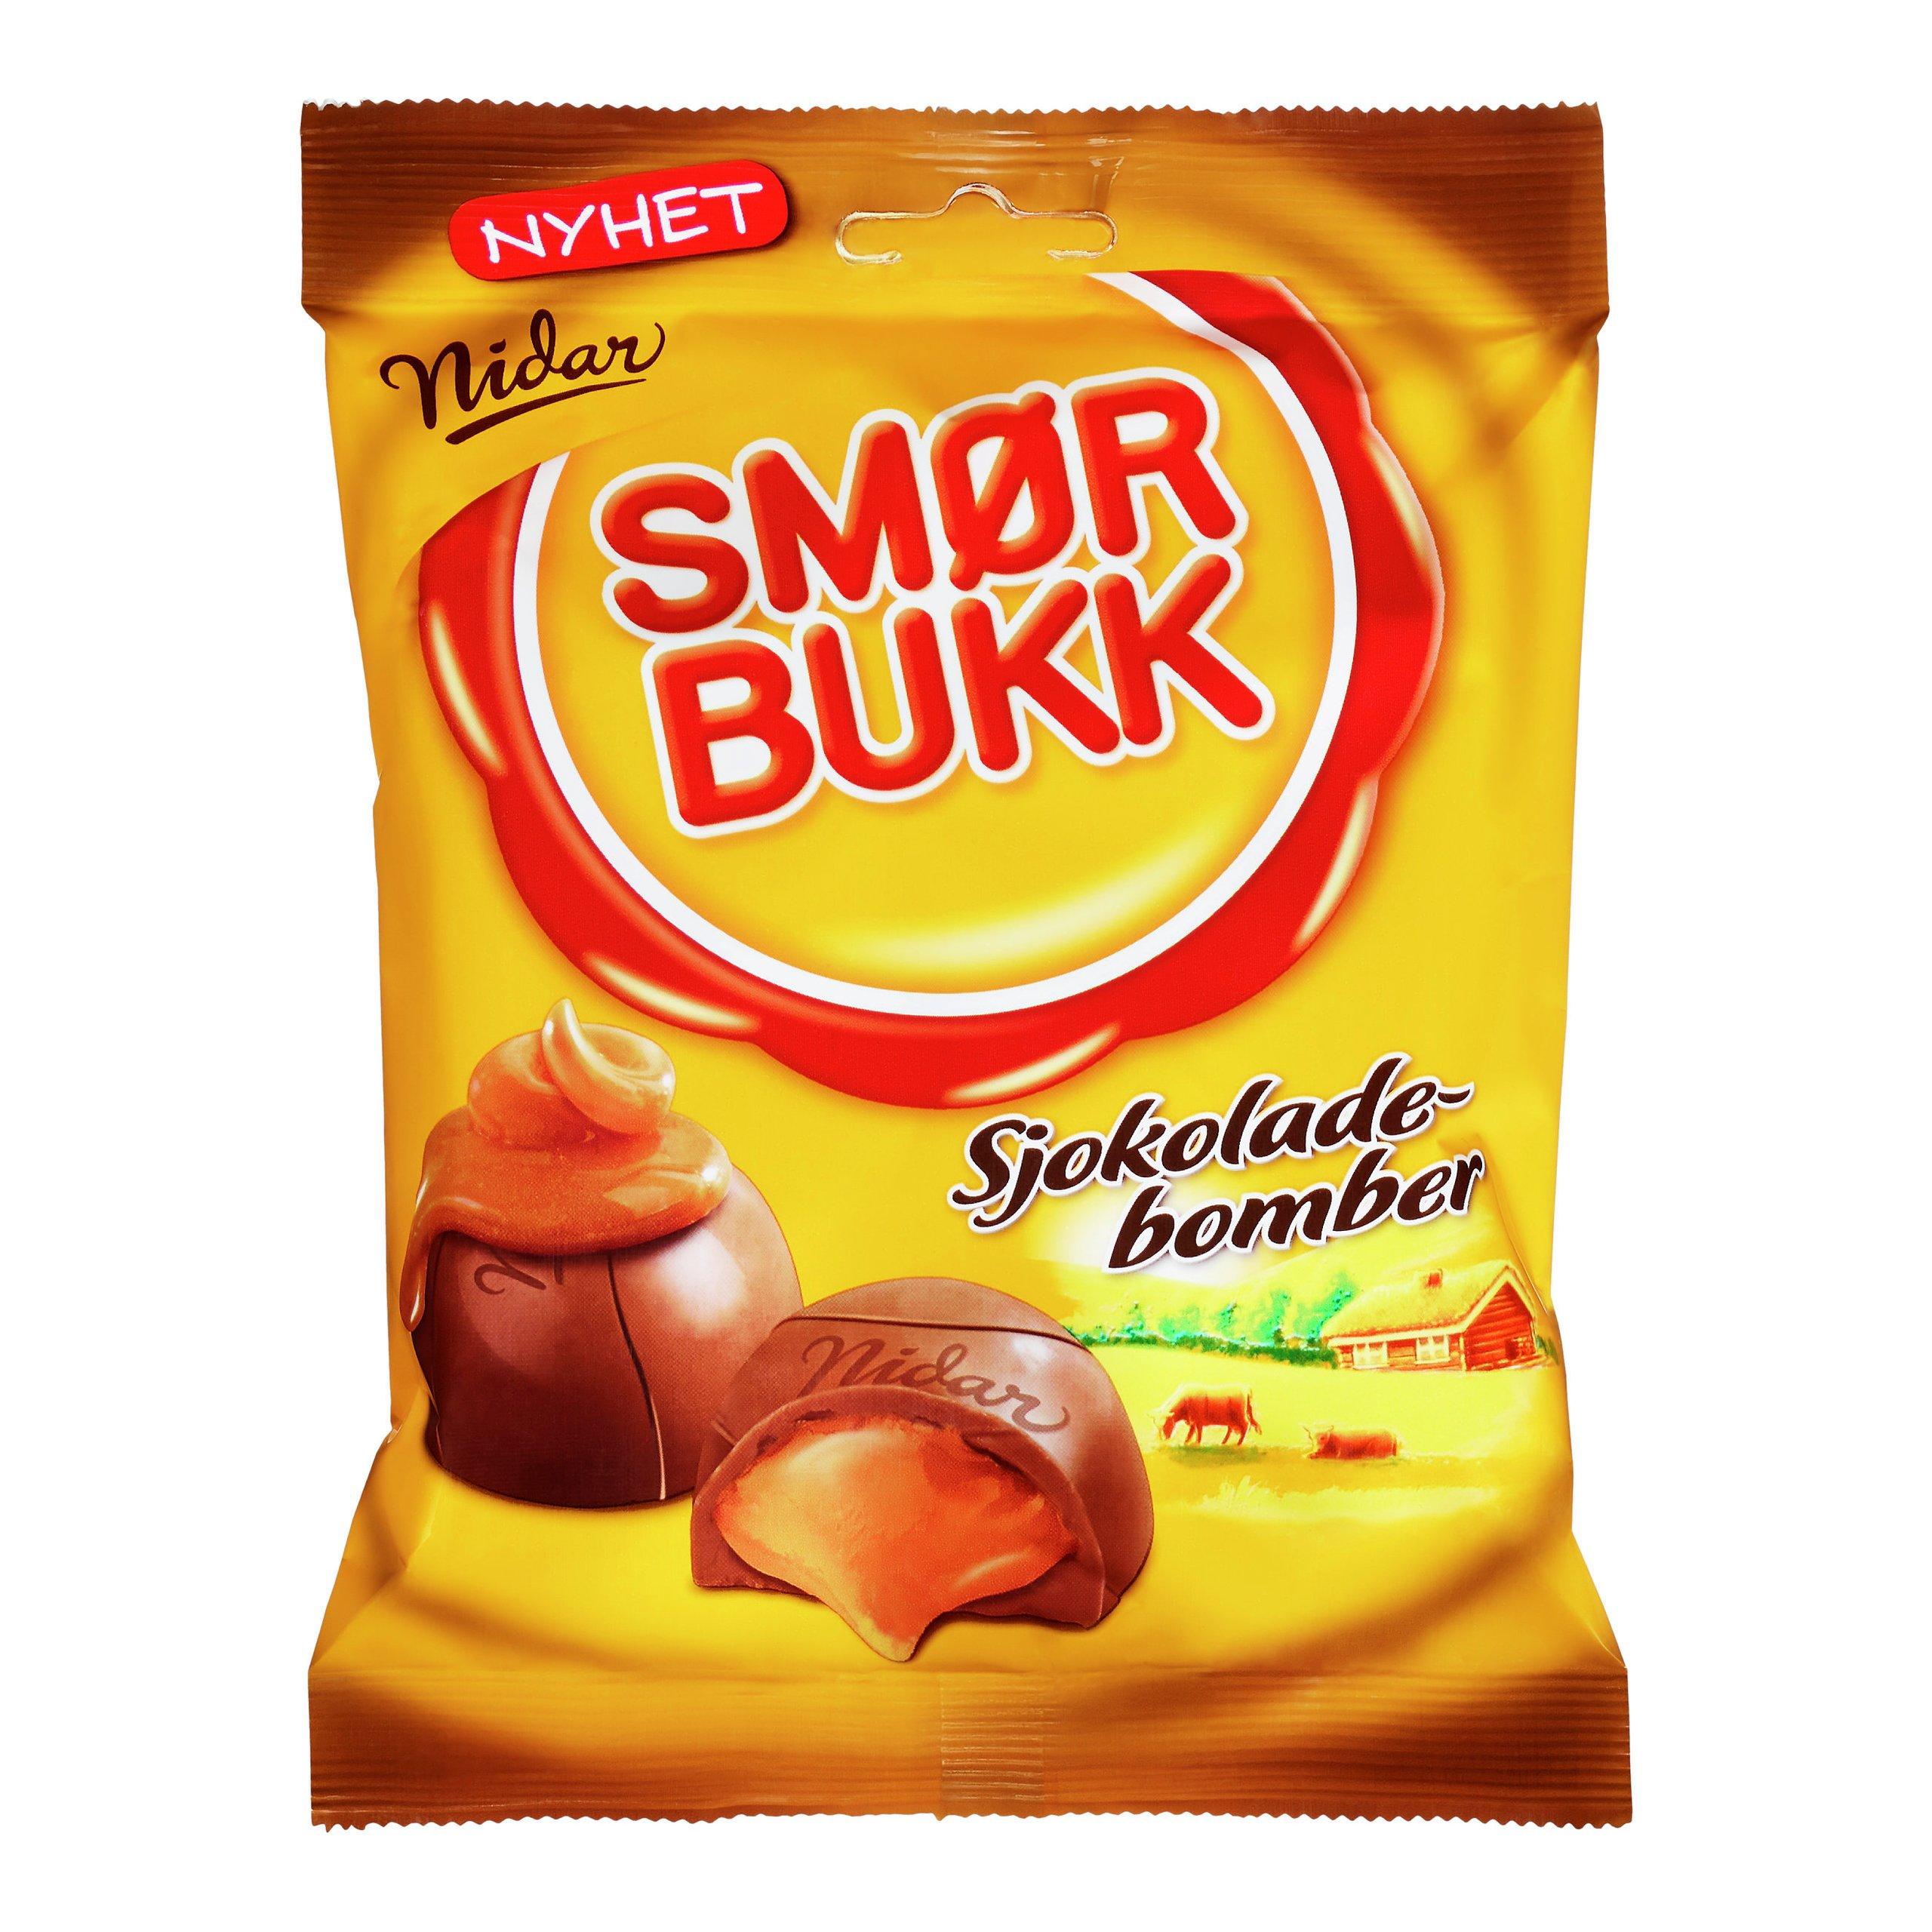 SMØRBUKK SJOKOLADEBOMBER 168G-103163